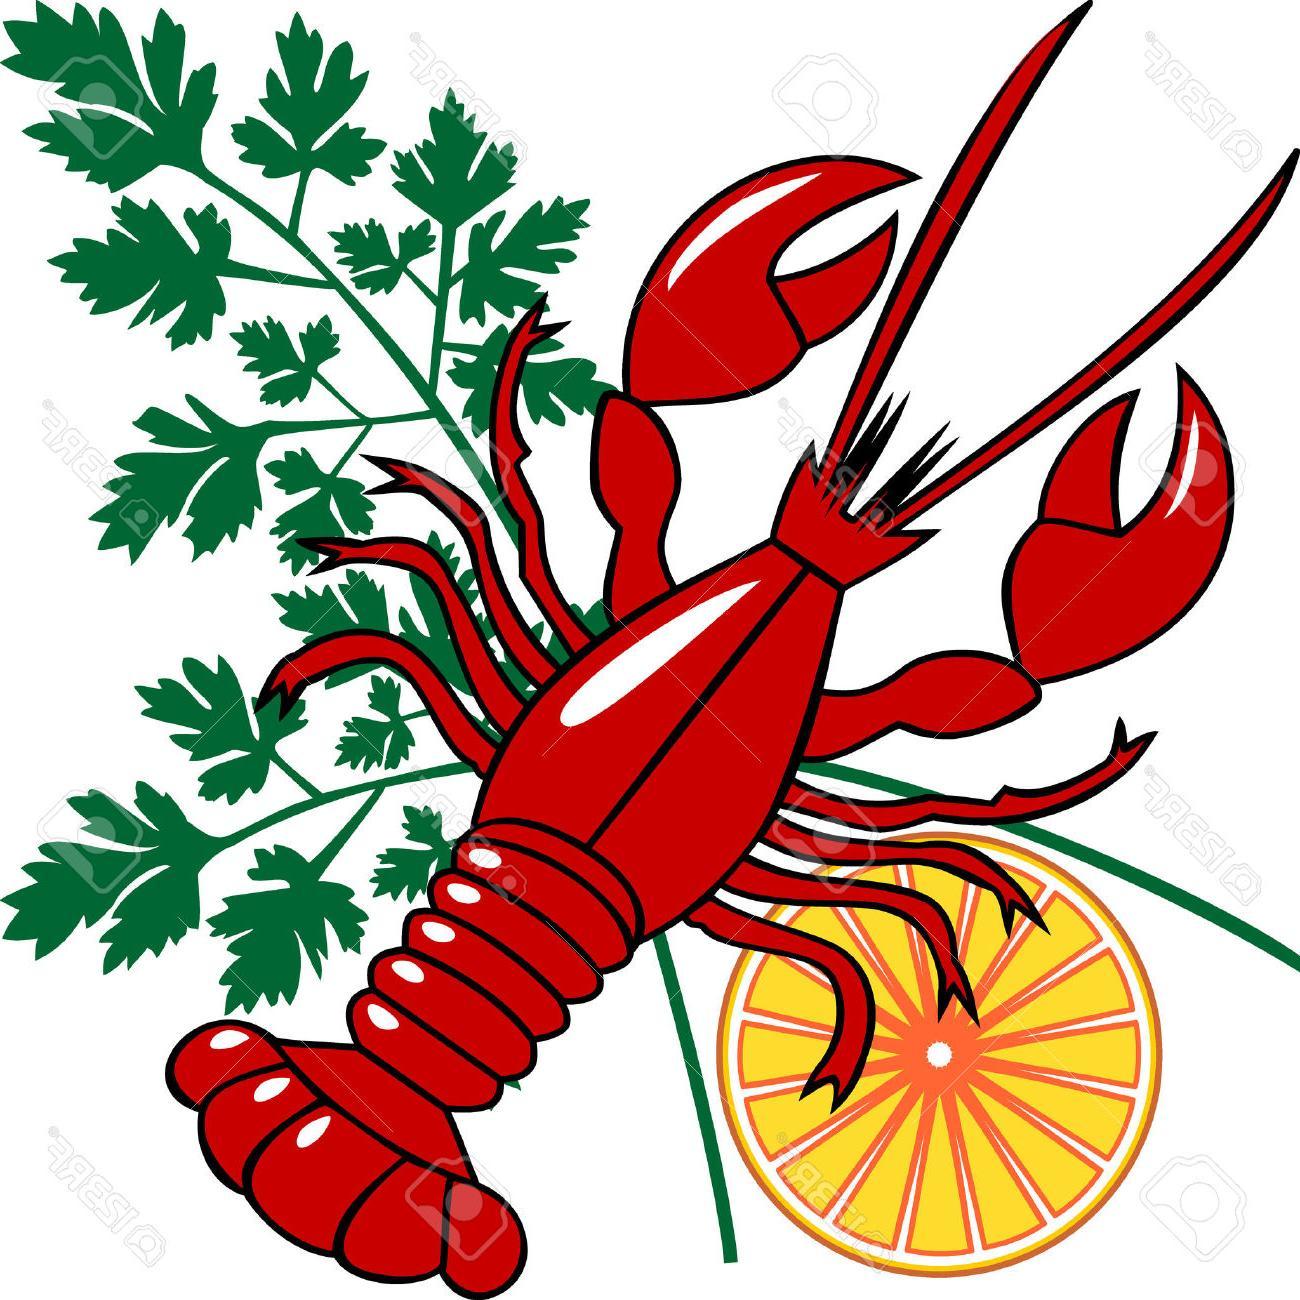 Hd clip art design. Crawfish clipart vector